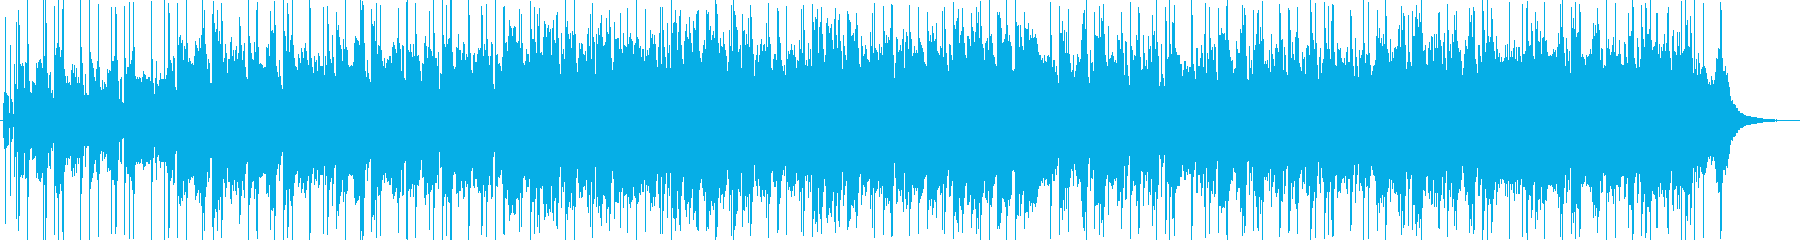 親しみやすい旋律のケルト風スムーズジャズの再生済みの波形